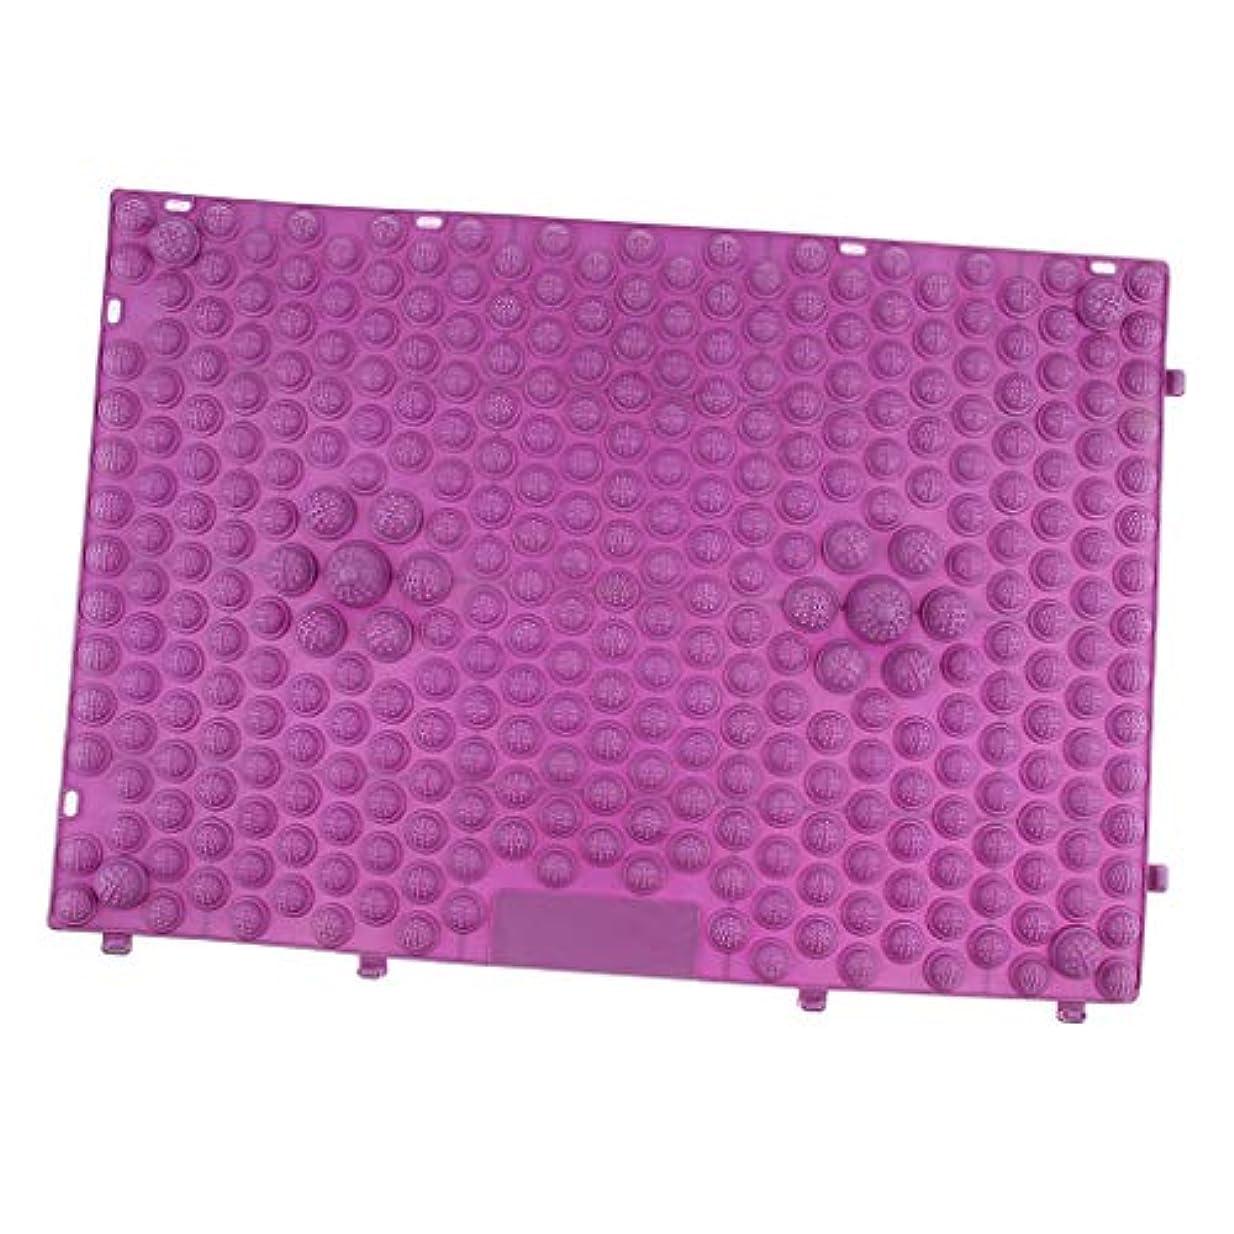 シーボードローンスムーズに足 マッサージパッド マッサージシート 指圧マット 足マッサージ 足指圧板 多色選べ - 紫